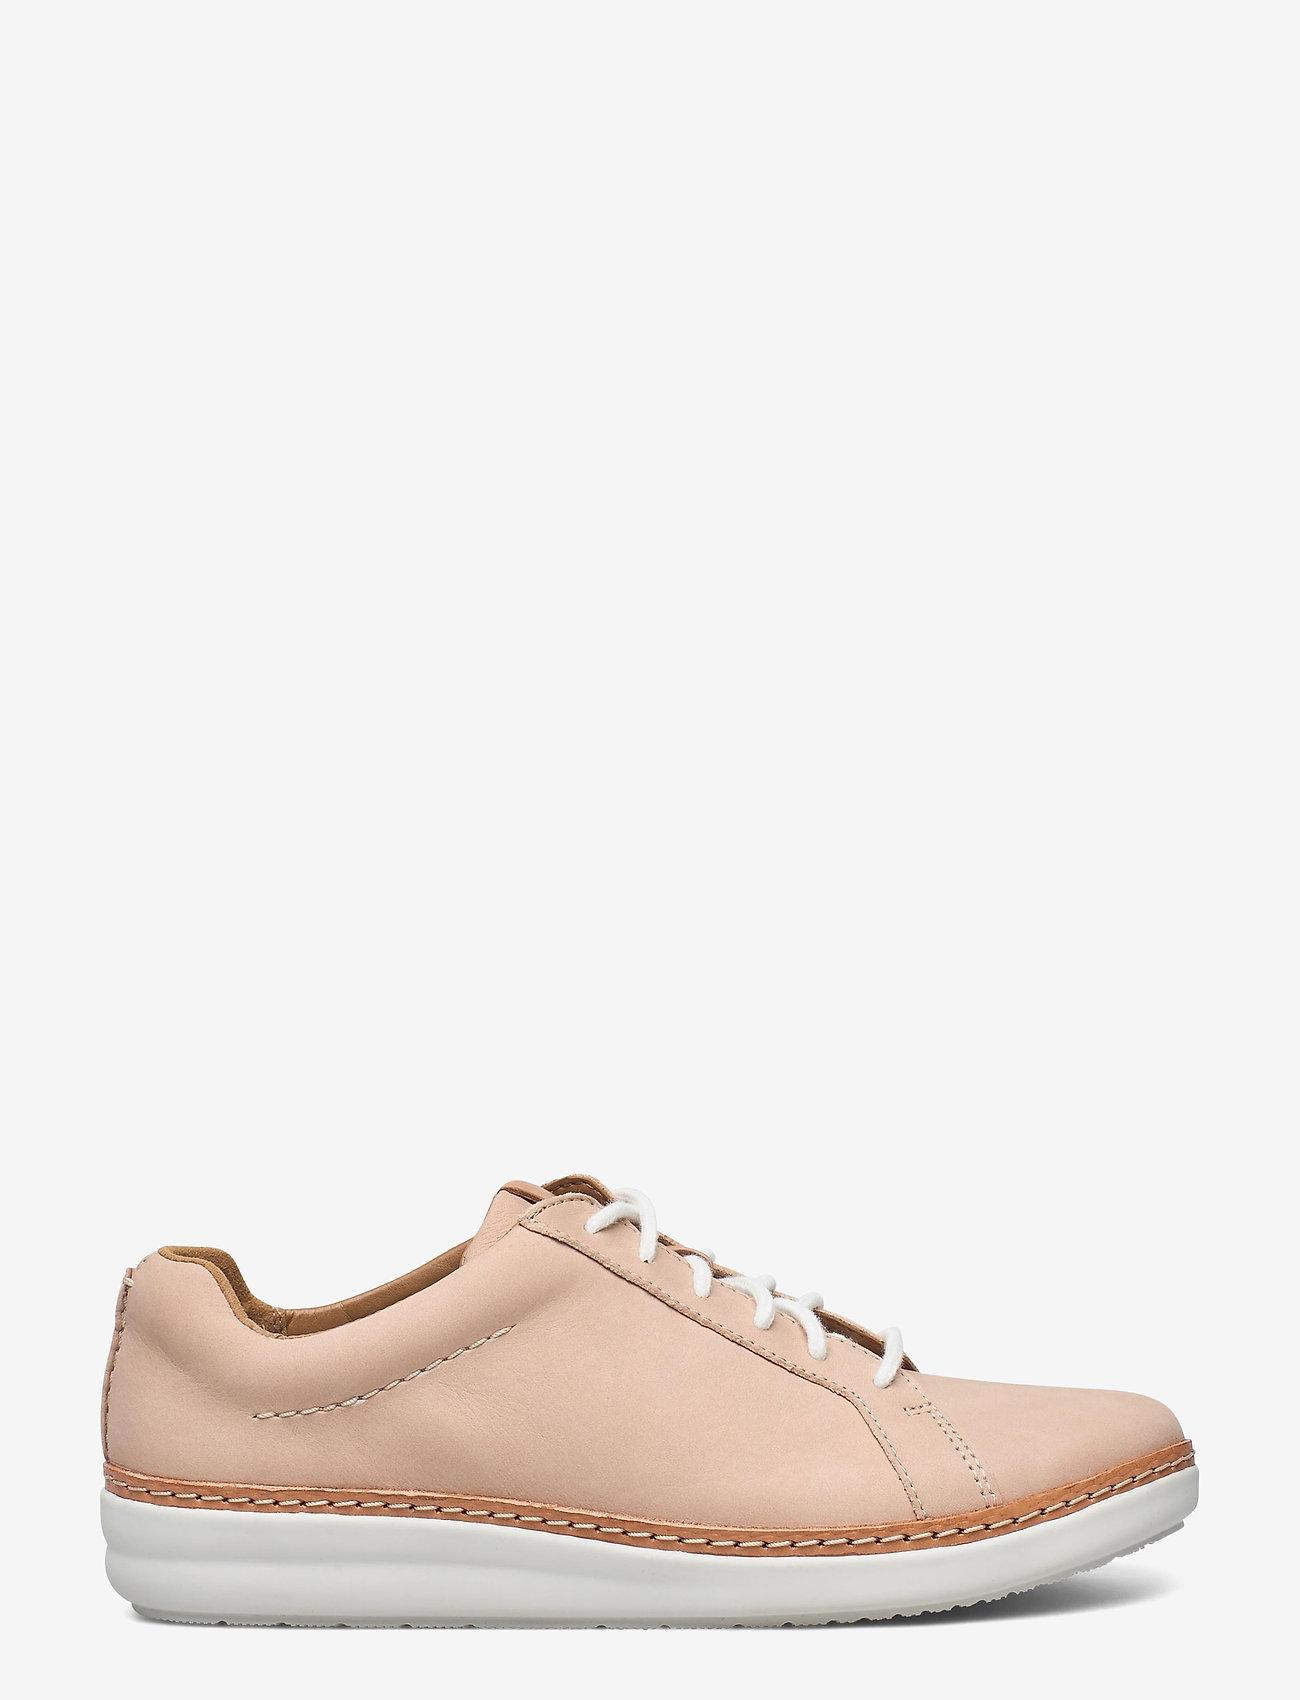 Clarks - Amberlee Rosa - lage sneakers - nude nubuck - 1